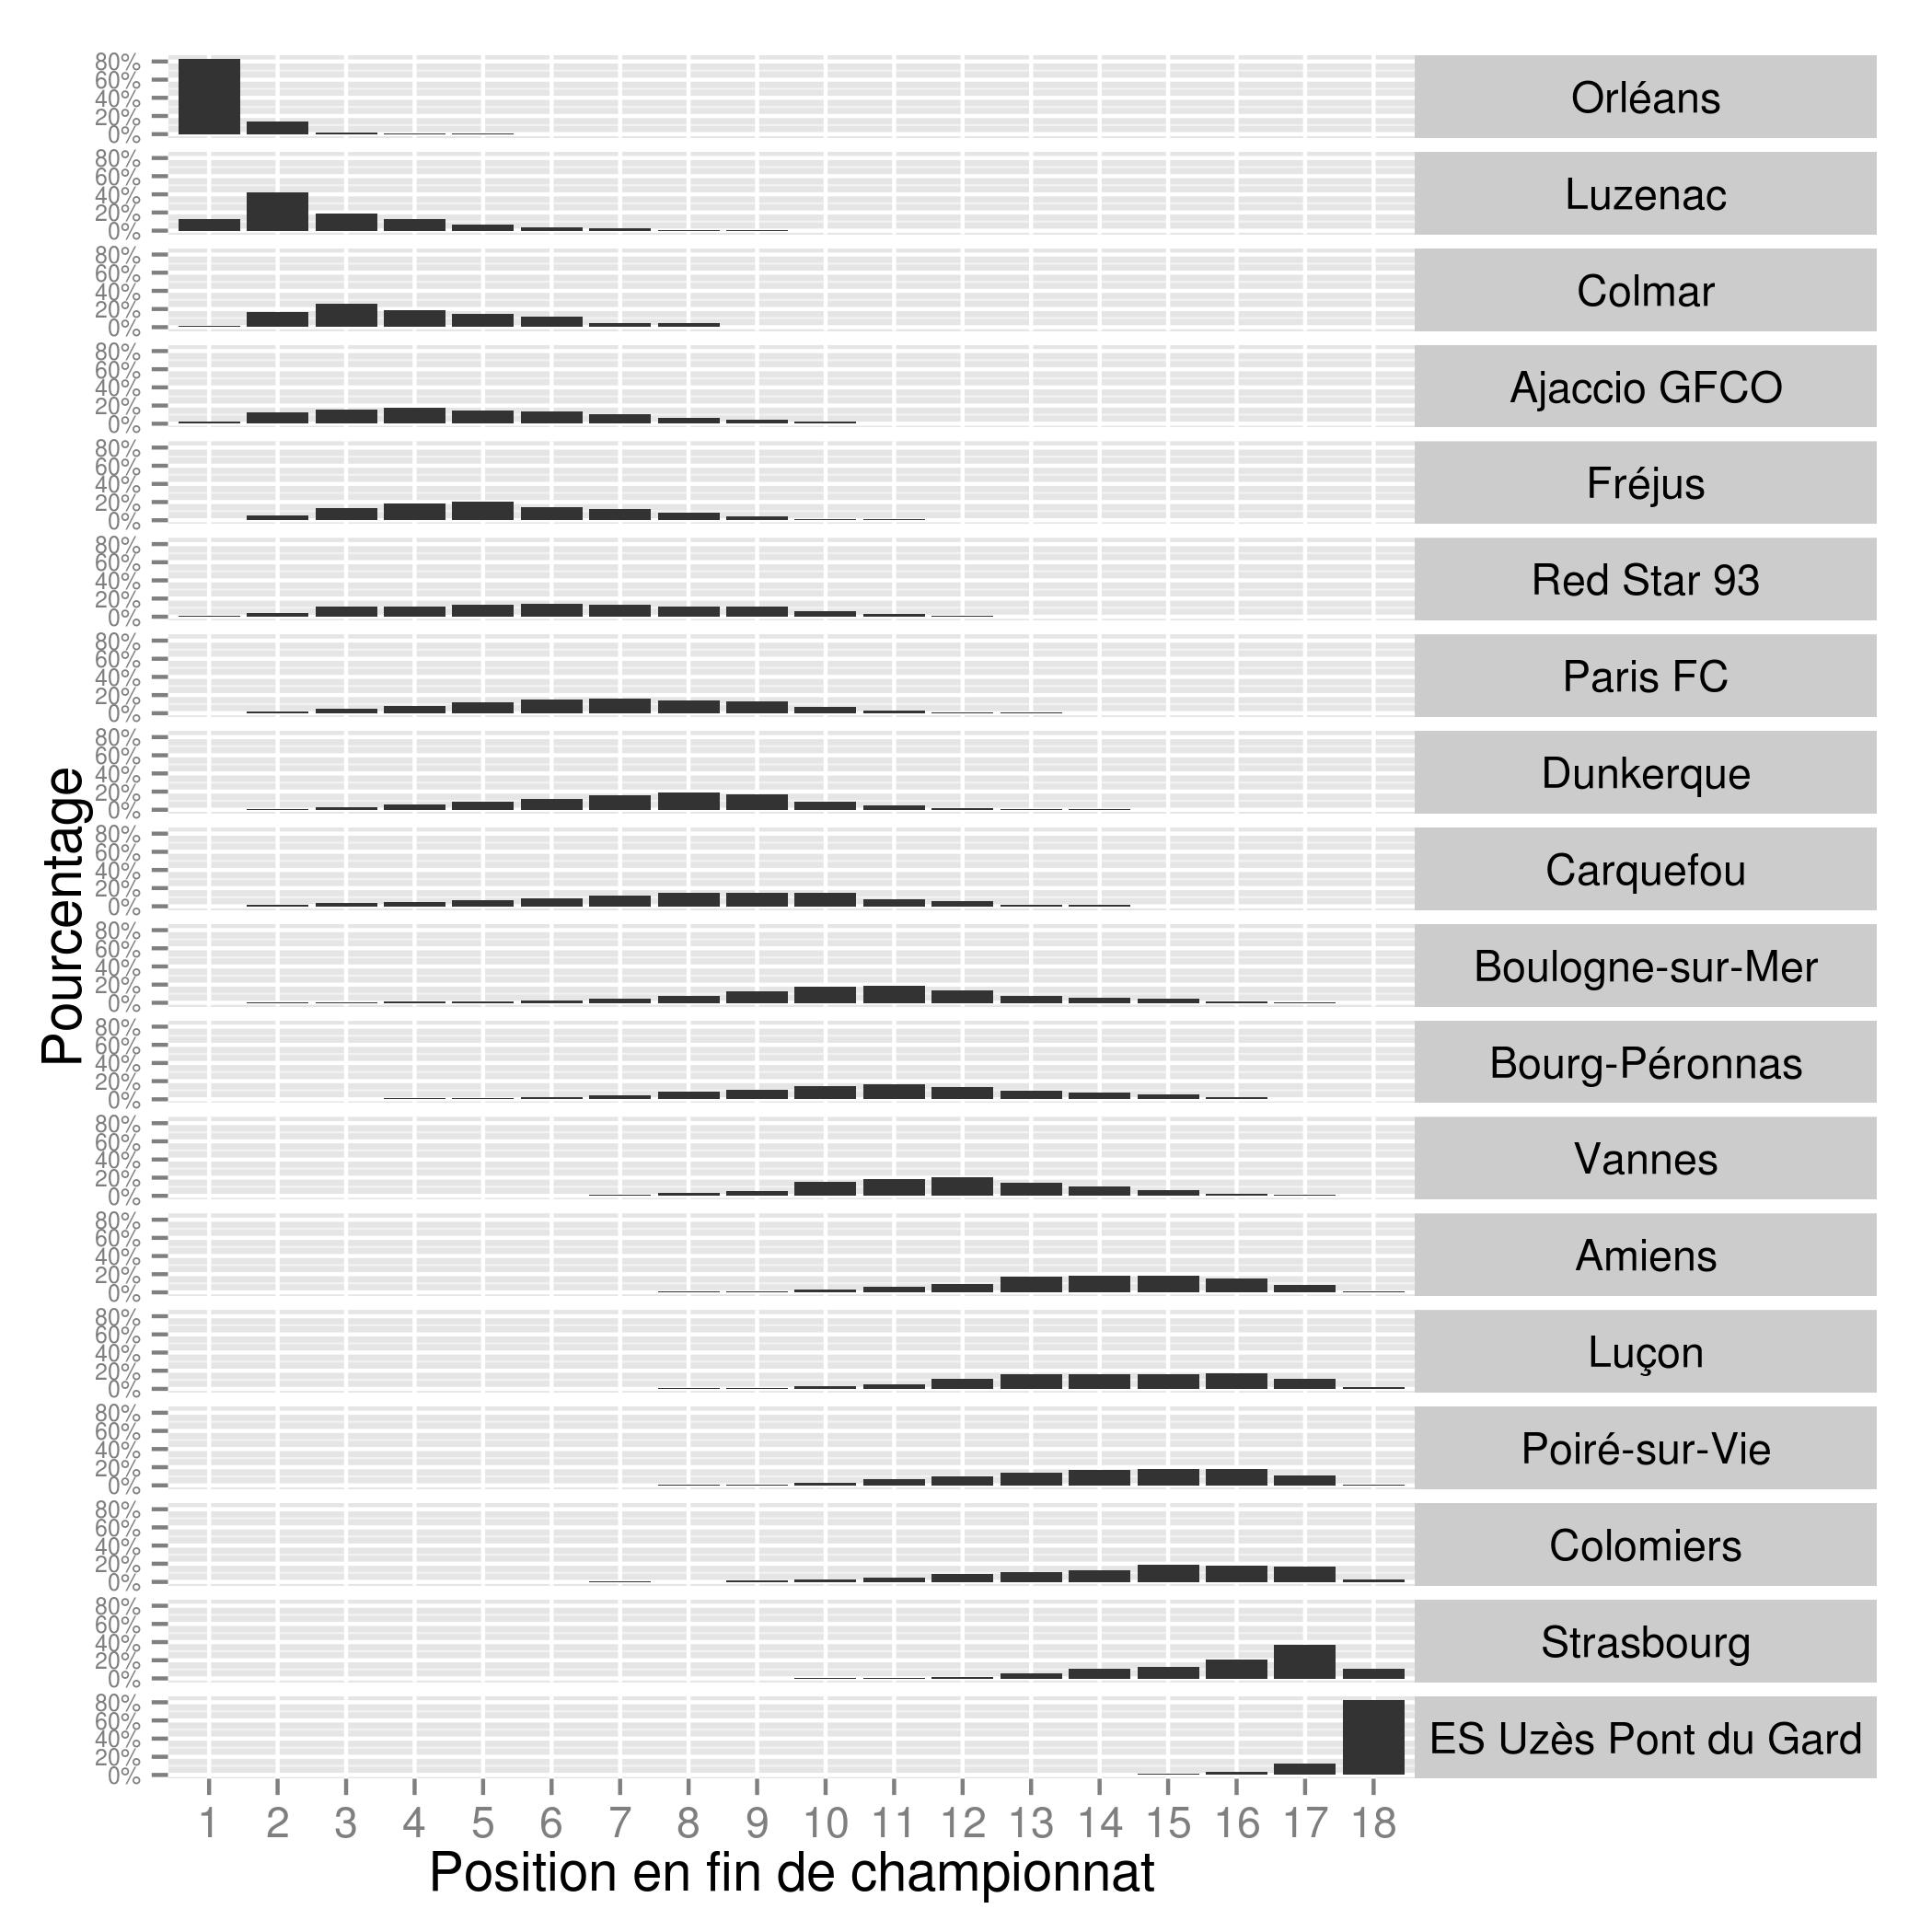 Probabilités de classement club par club à l'issue de la saison en tenant compte des 5 dernières journées jouées. (Graphe JPDarky)